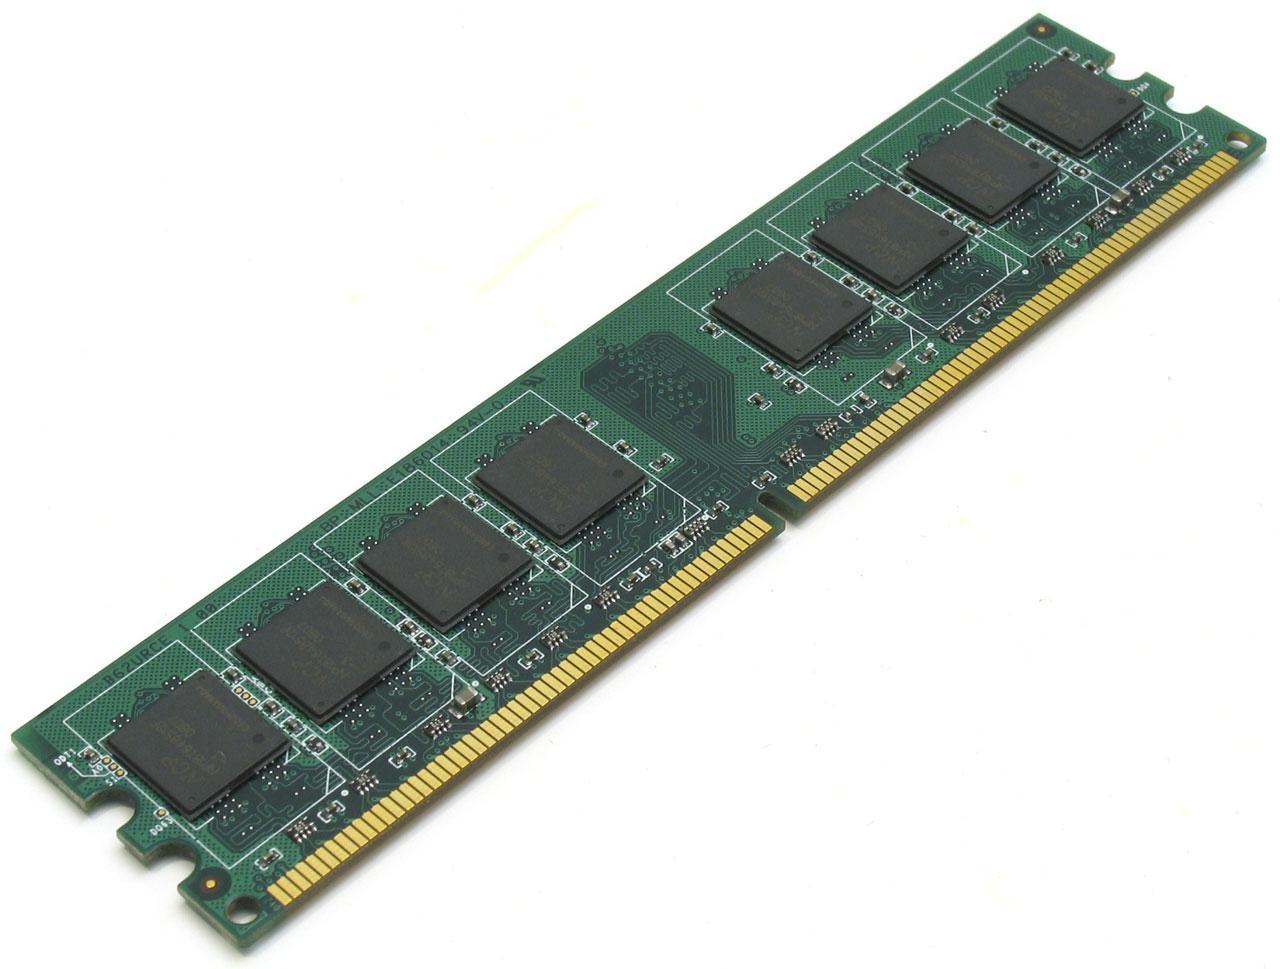 Lot New SK Hynix 2Rx8 4GB 1333MHz DDR3 PC3-10600U 240pin DIMM Desktop Memory RAM